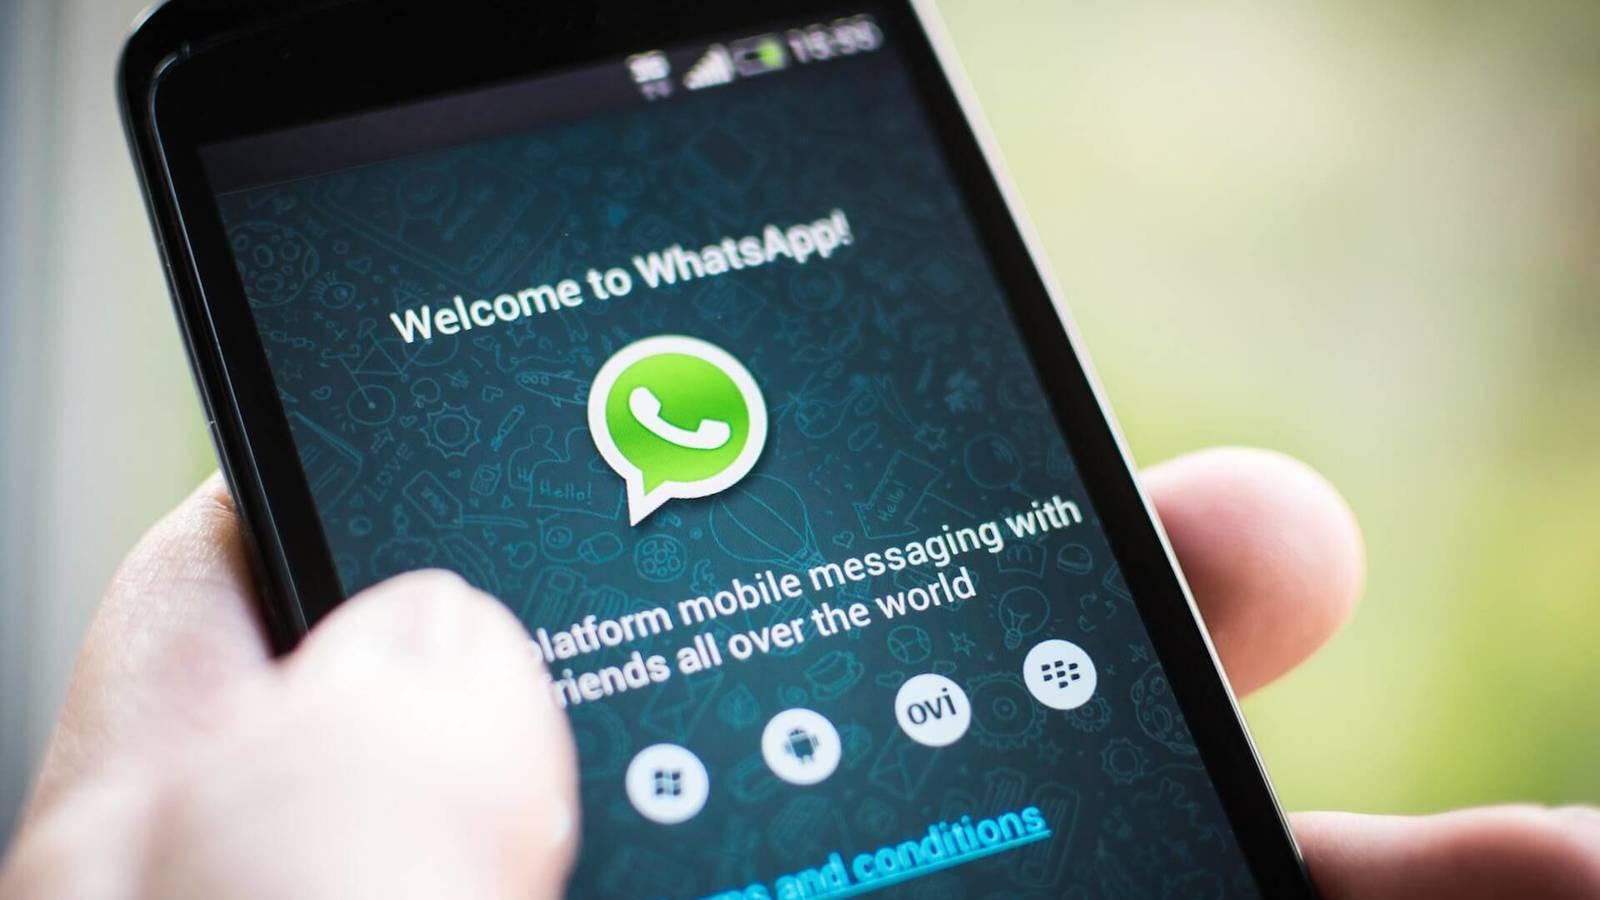 whatsapp-le-dice-adios-a-estos-celulares:-uno-por-uno,-en-que-dispositivos-dejara-de-funcionar-desde-noviembre